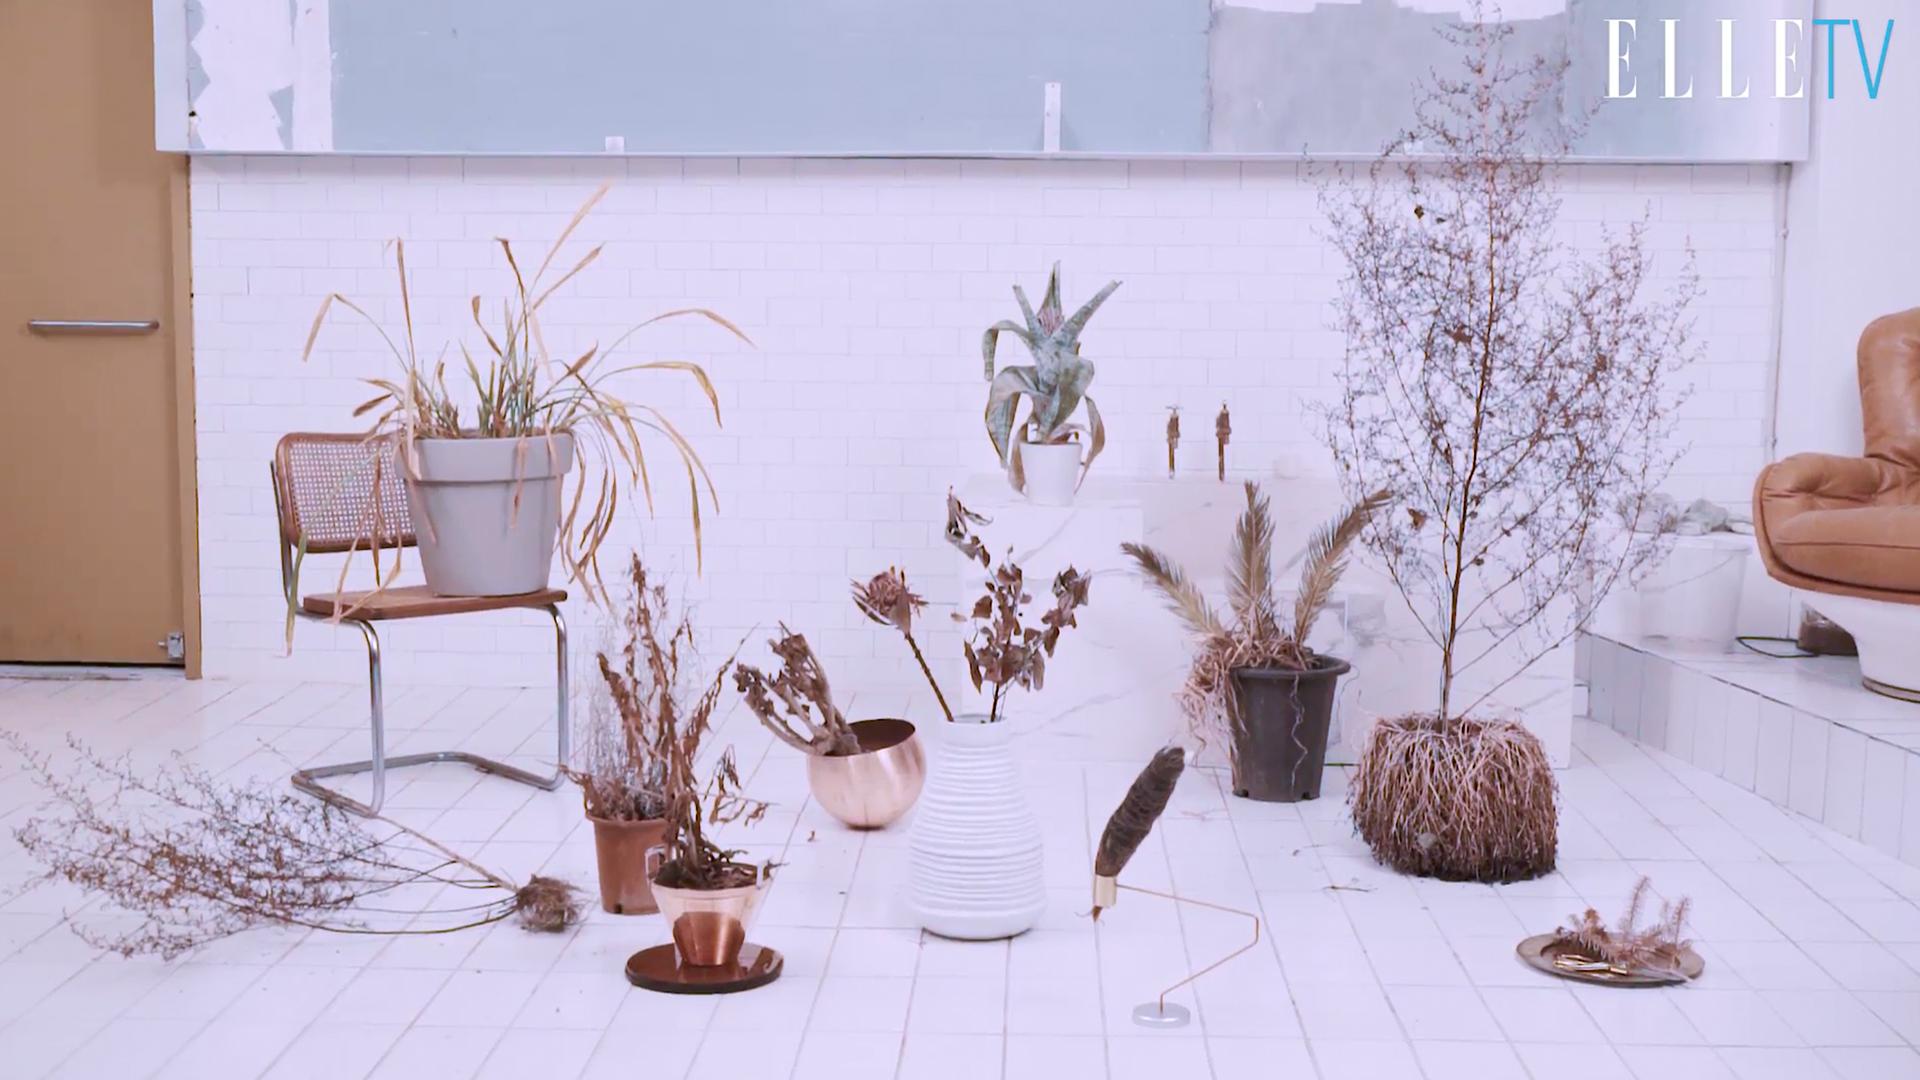 말라비틀어진 식물을 쓰레기통에 버렸다면 보물을 버린 셈이다. 금빛 오브제들과 만나 고급스러운 데코 아이템으로 다시 태어난 드라이 식물들